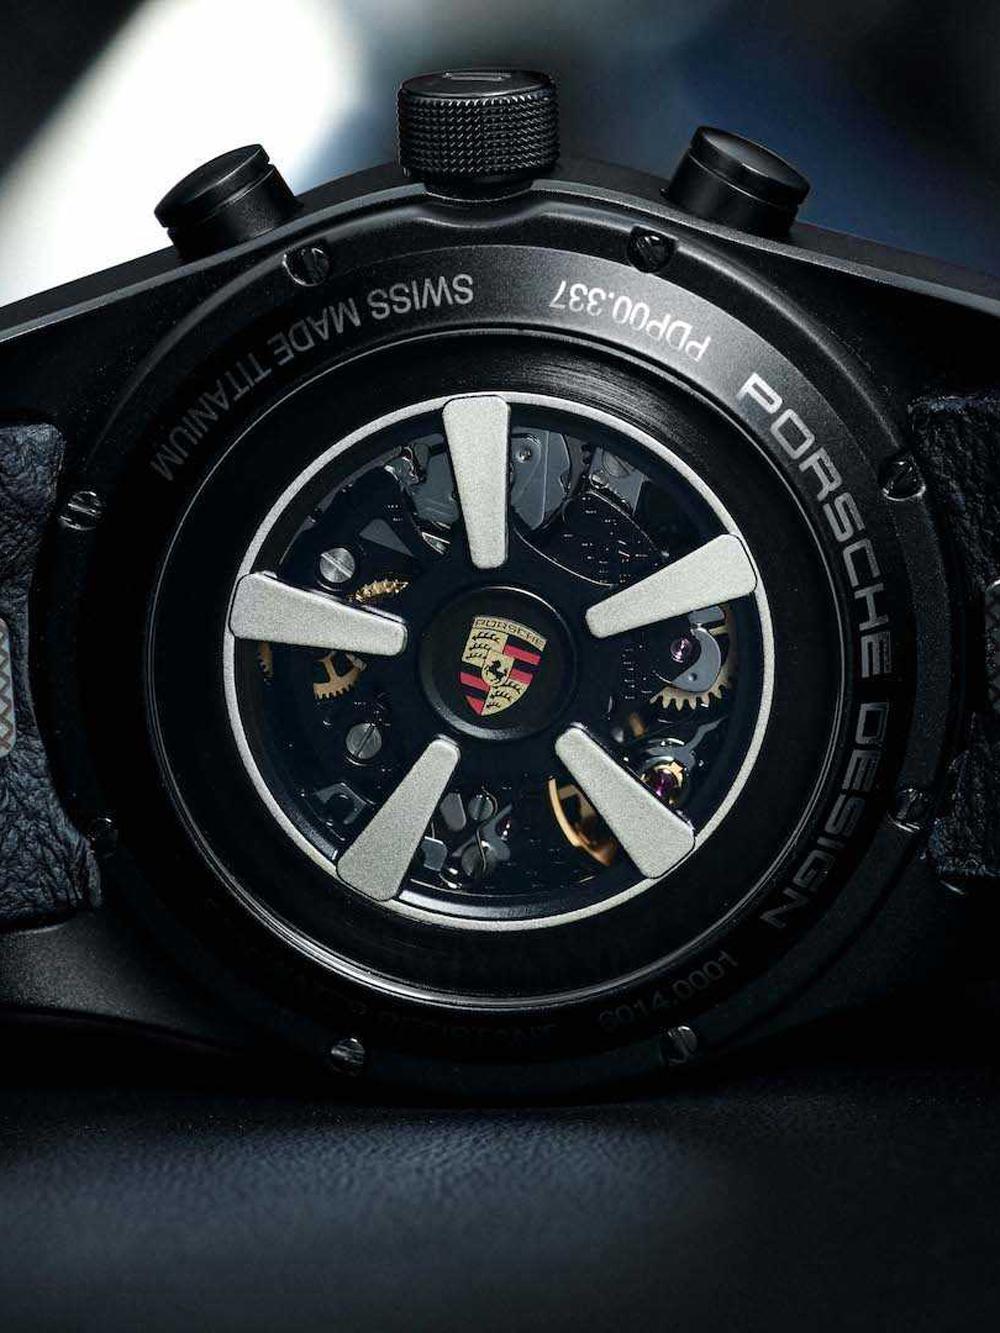 這些透過Porsche Exclusive Manufaktur客製化的PORSCHE腕錶都在瑞士由專業製錶廠所打造,搭載瑞士製機械機芯與鈦合金材質錶殼,價格約台幣40萬起跳。